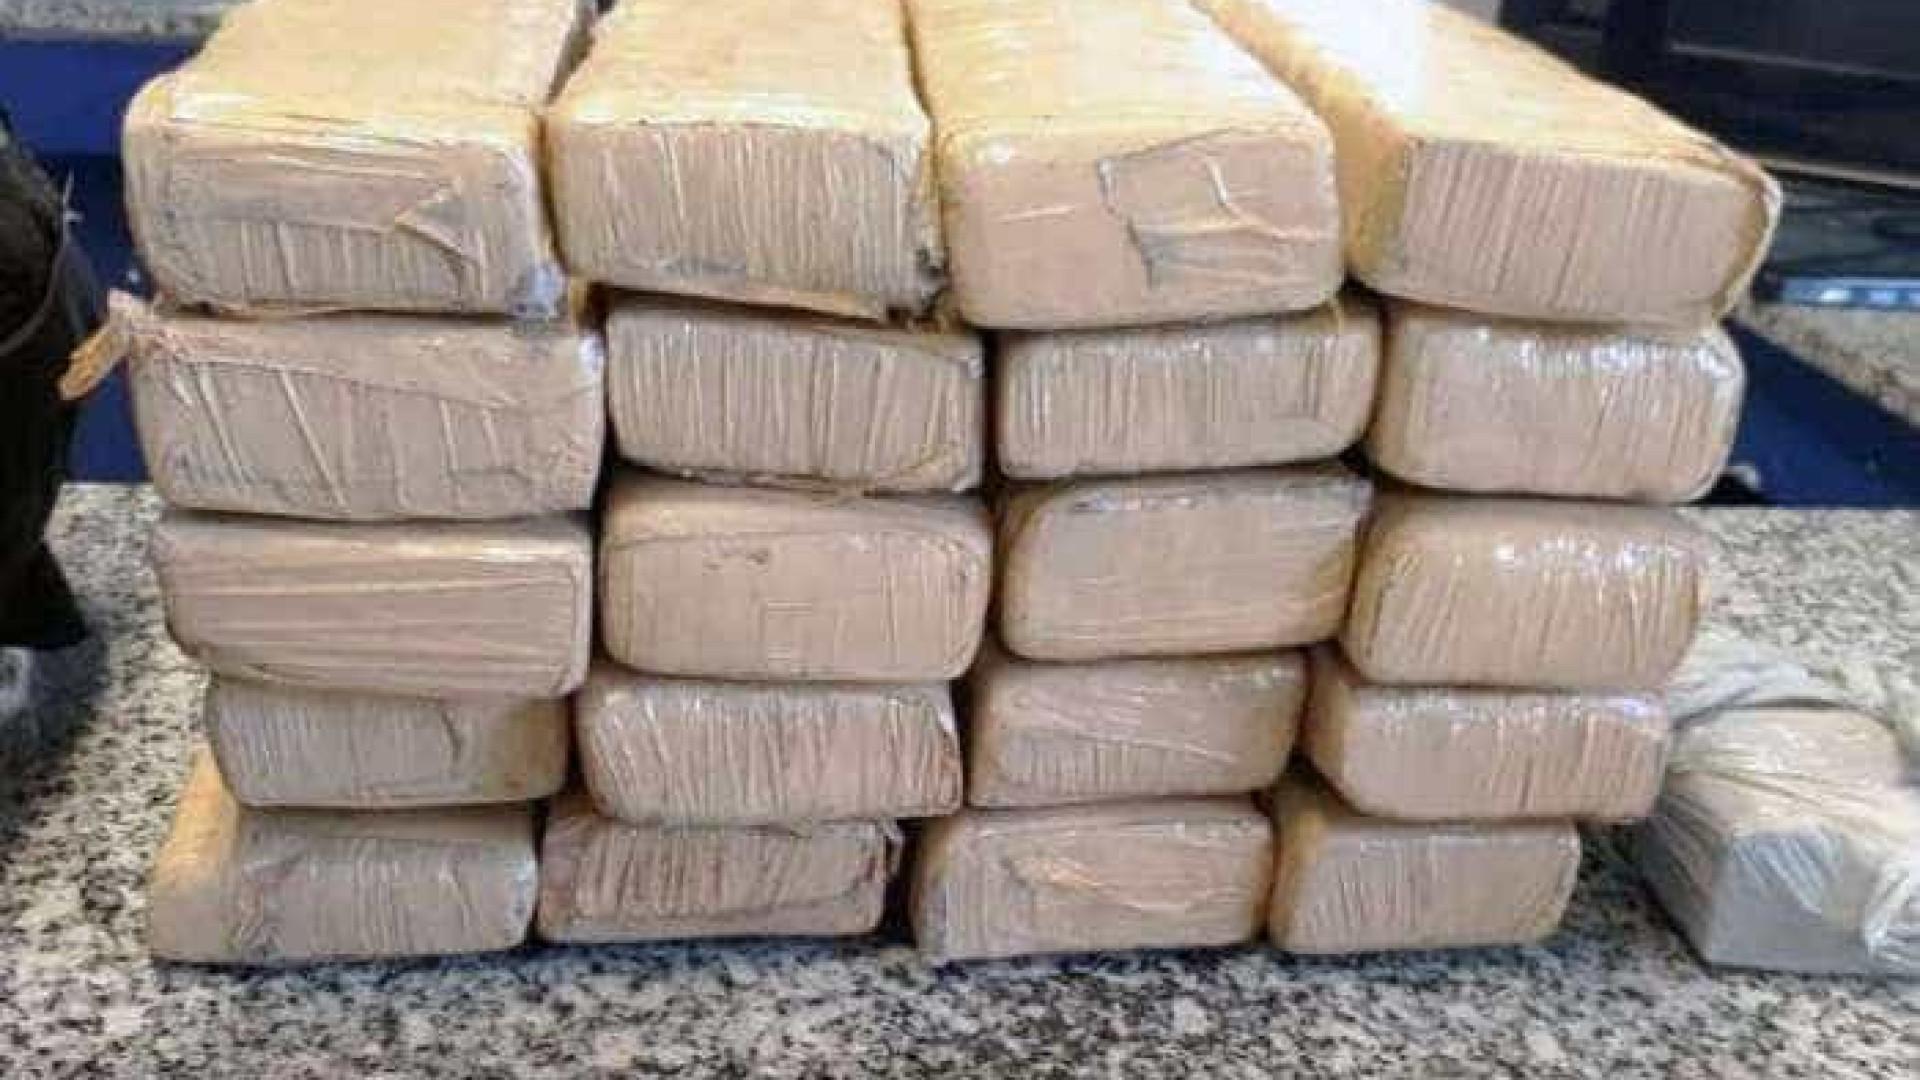 PRF apreende 1,5 tonelada de maconha em caminhão com carga de farinha no Paraná